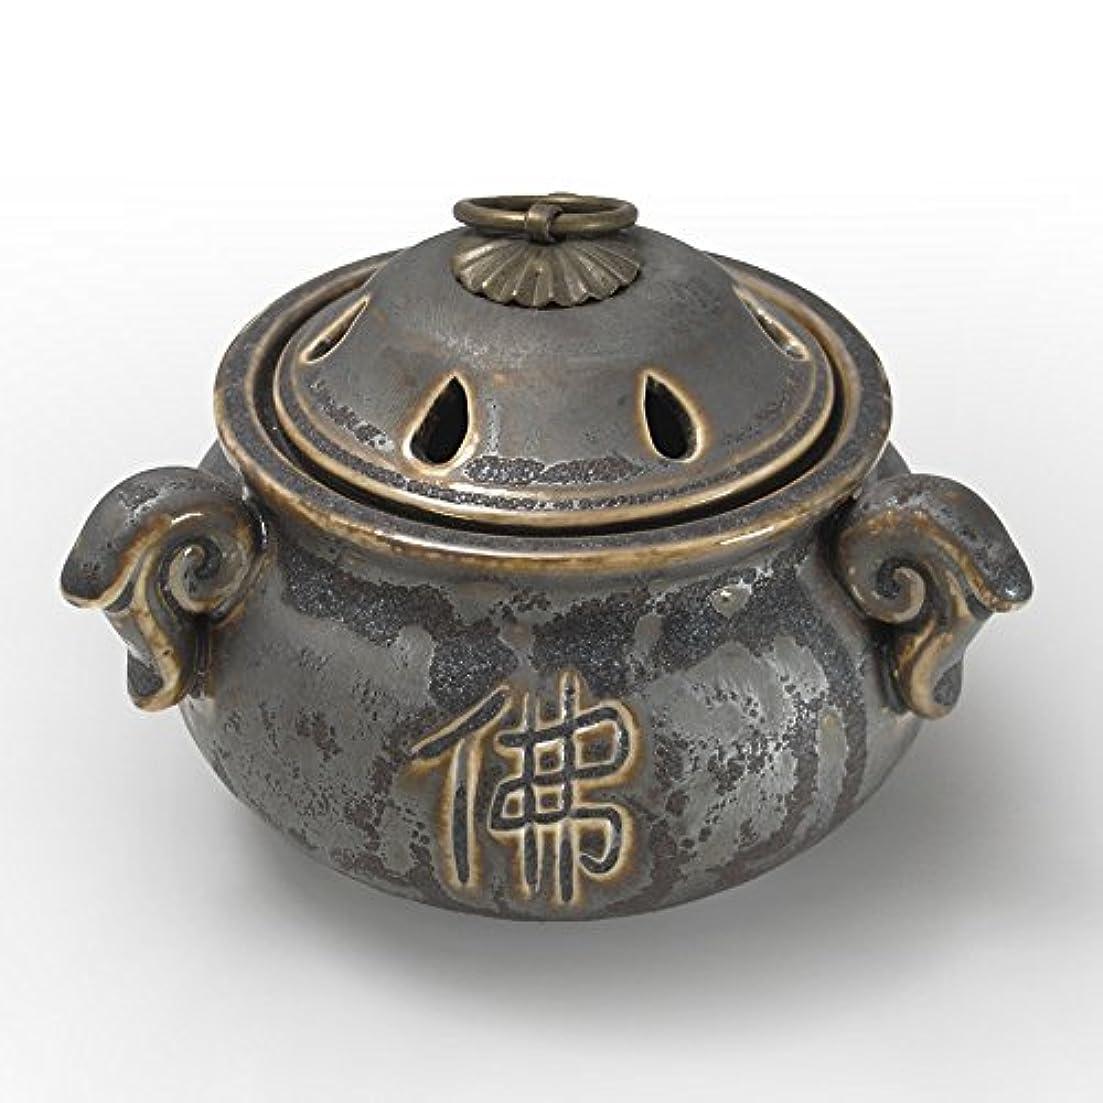 機動医療のよろめく陶器香炉 アンティークデザイン